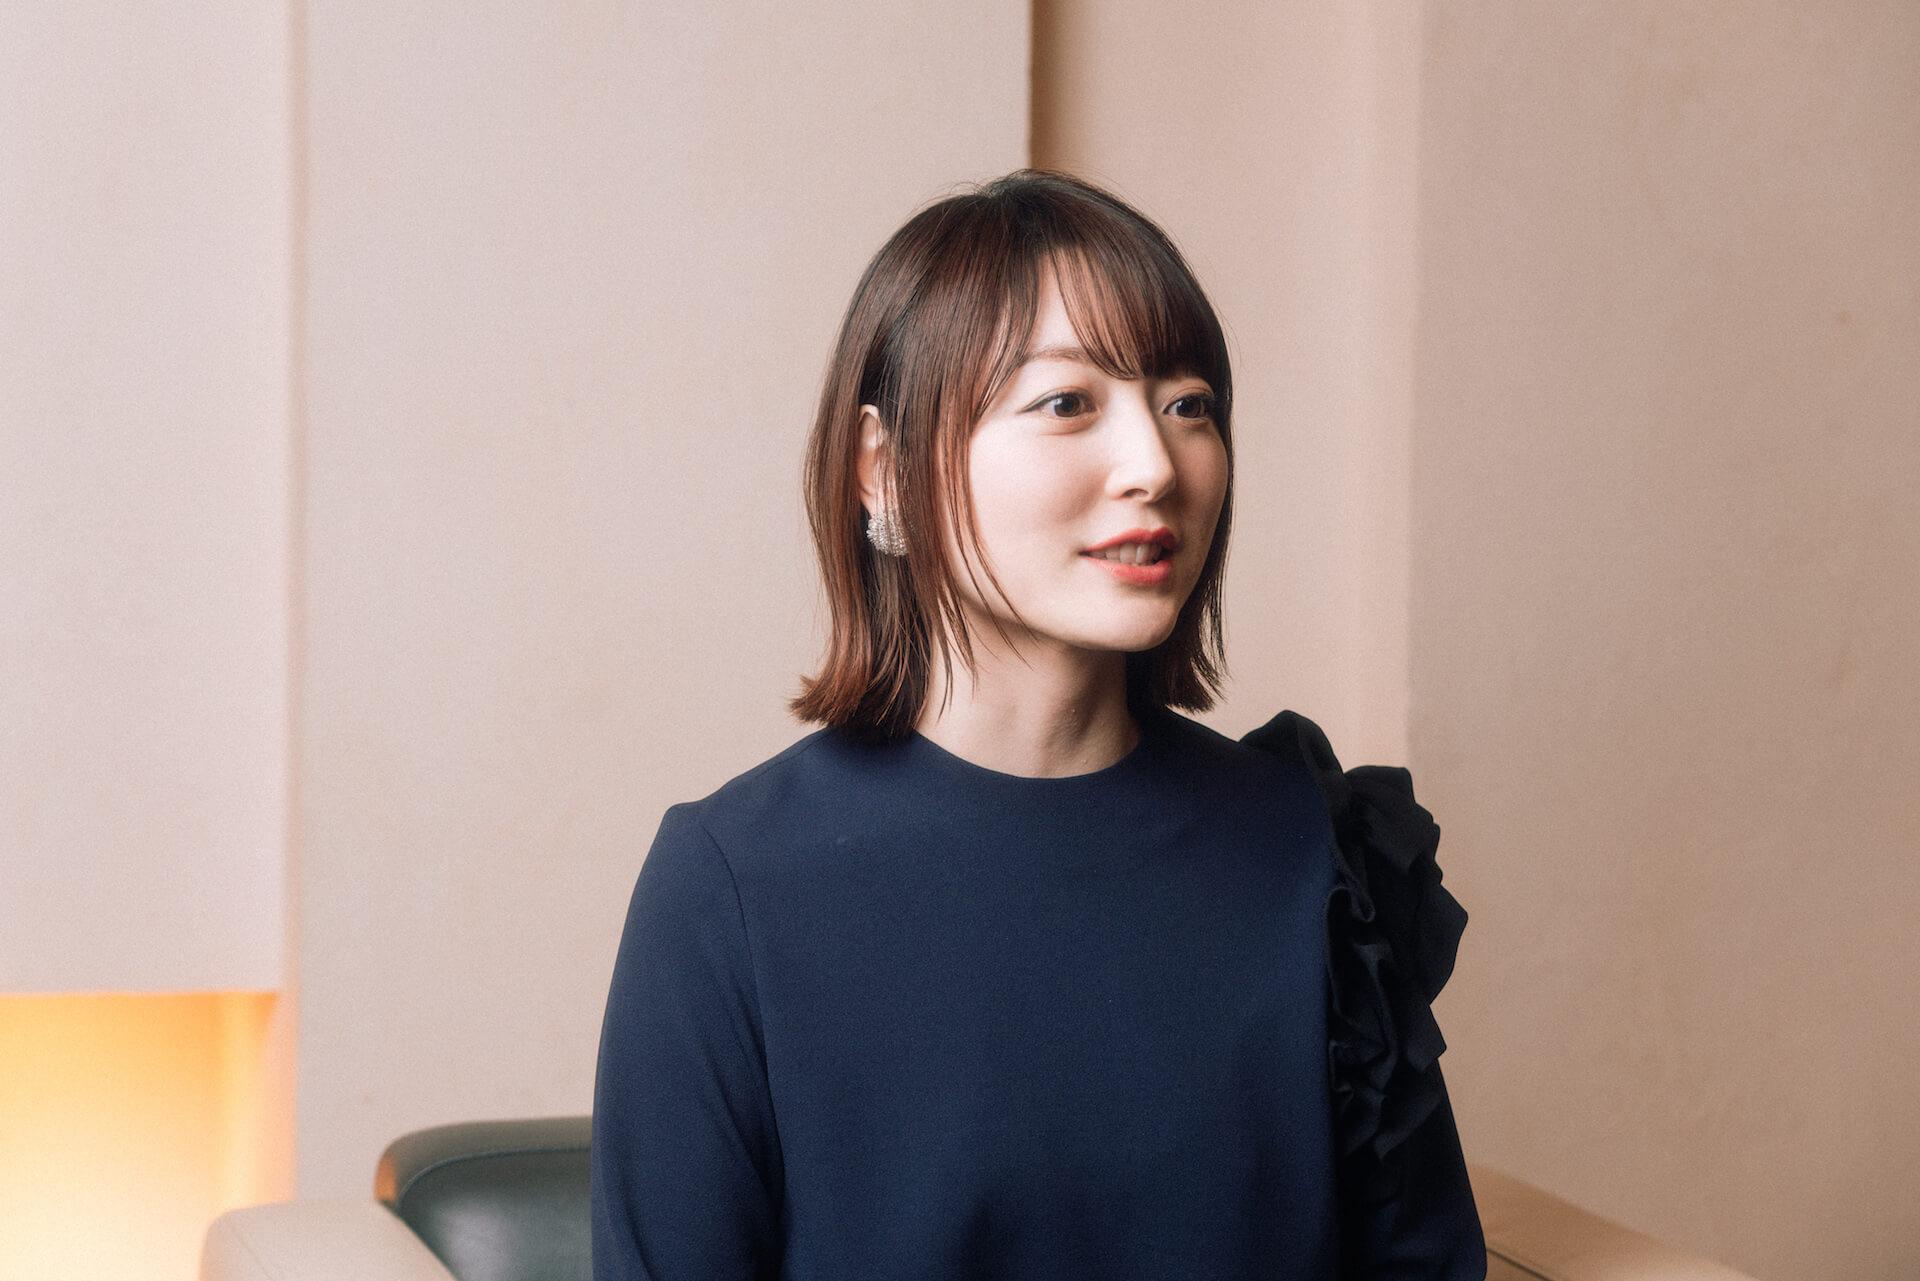 インタビュー:花澤香菜が『羅小黒戦記 ぼくが選ぶ未来』シャオヘイを演じて得た気づき interview201114_hanazawakana_4